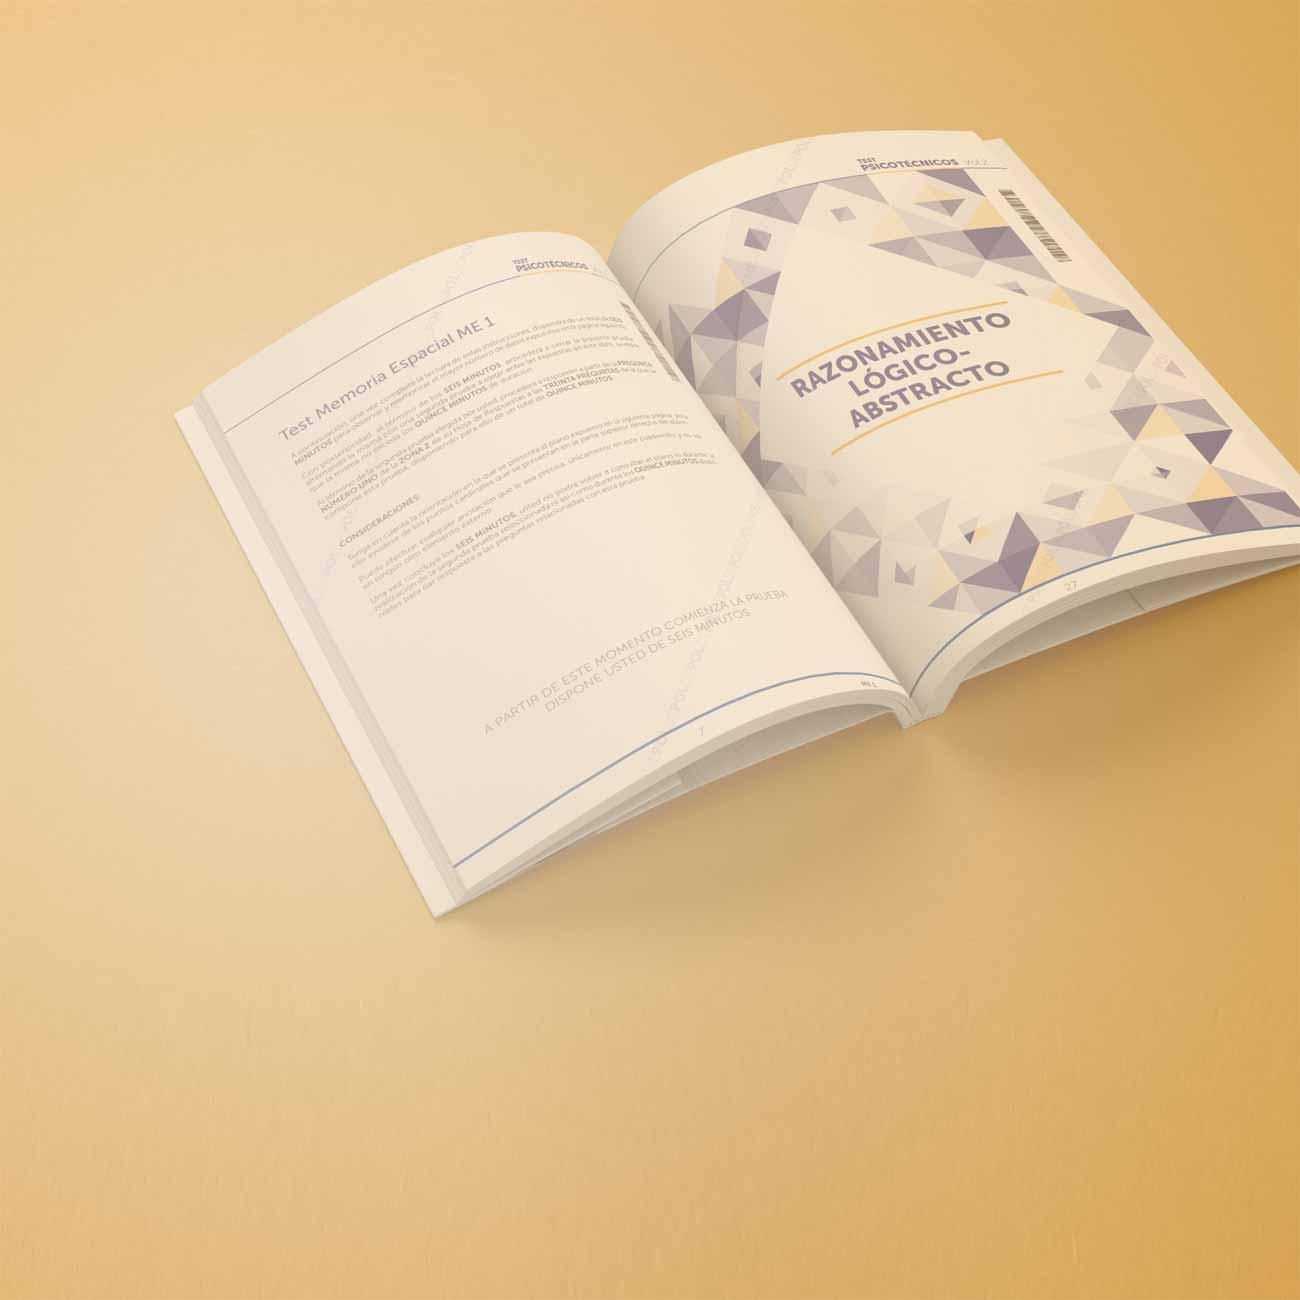 Cuadernos<br />de test<br />psicotécnicos